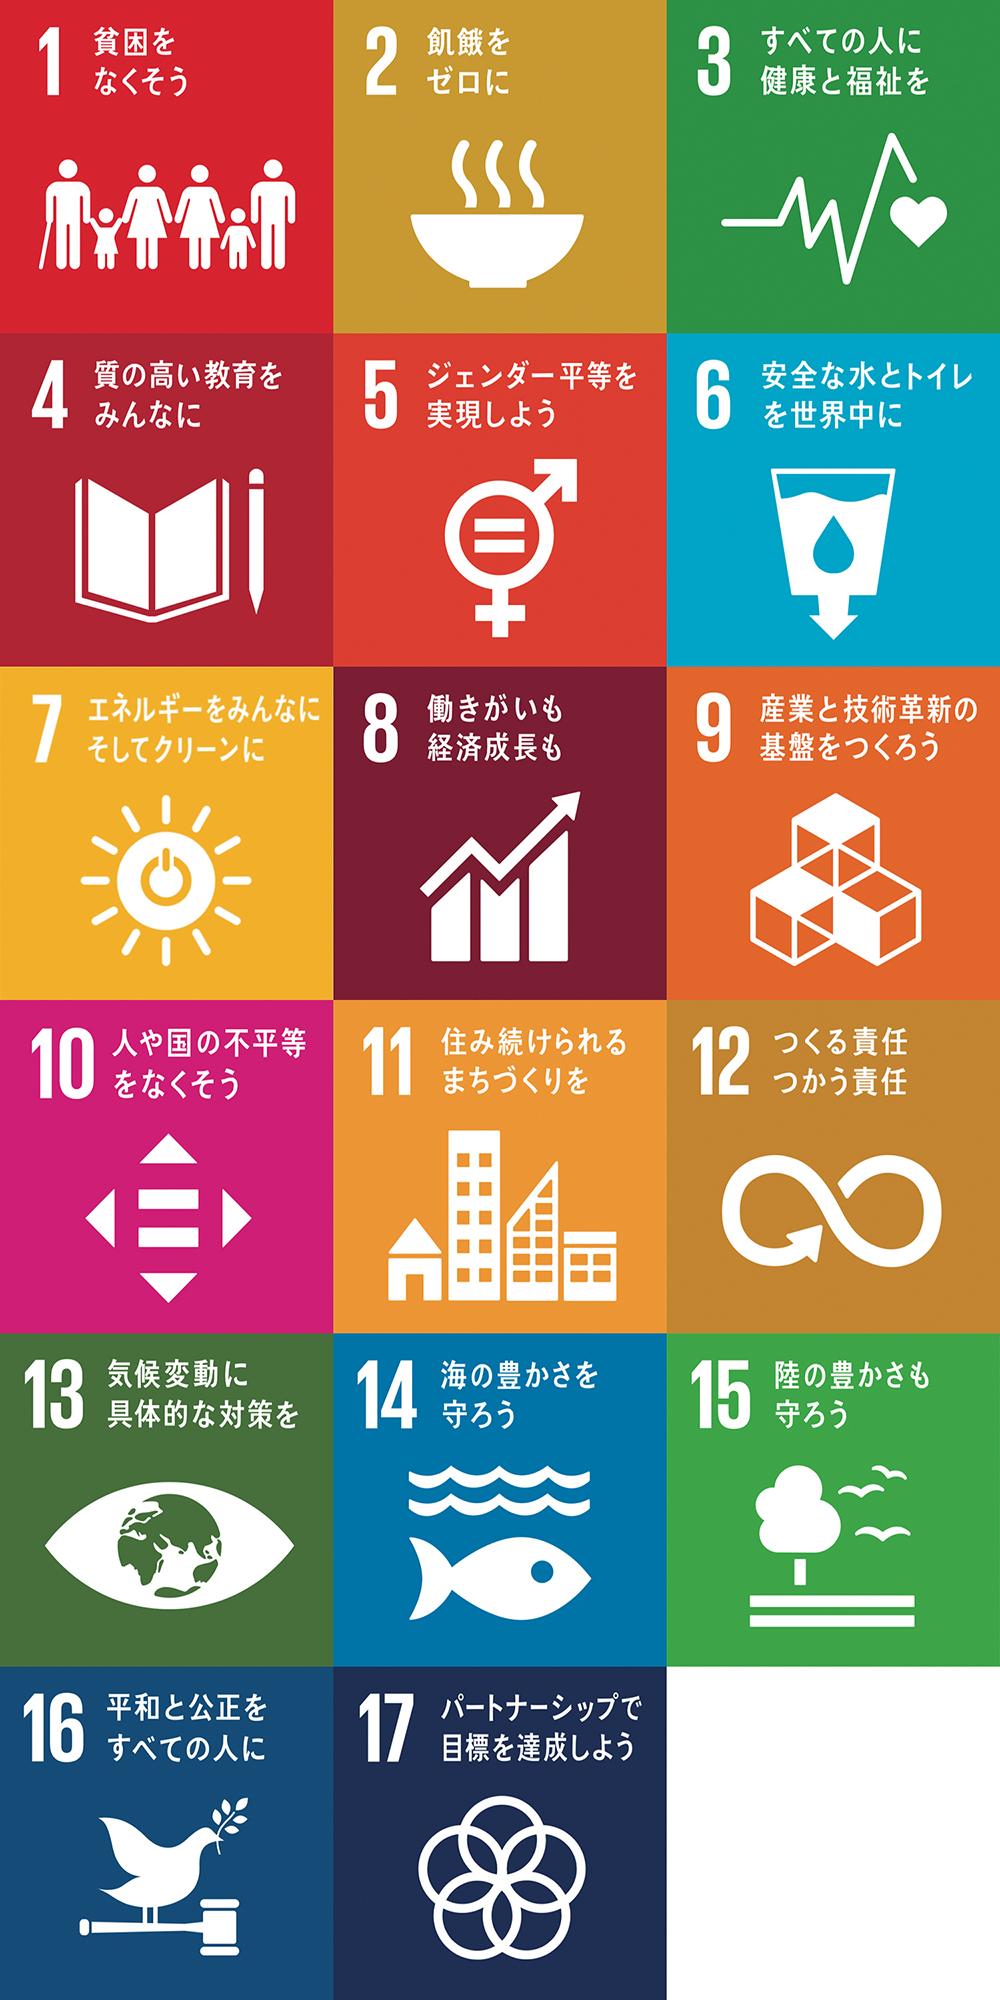 持続 可能 な 開発 目標 持続可能な開発目標(SDGs)|セーブ・ザ・チルドレン・ジャパン